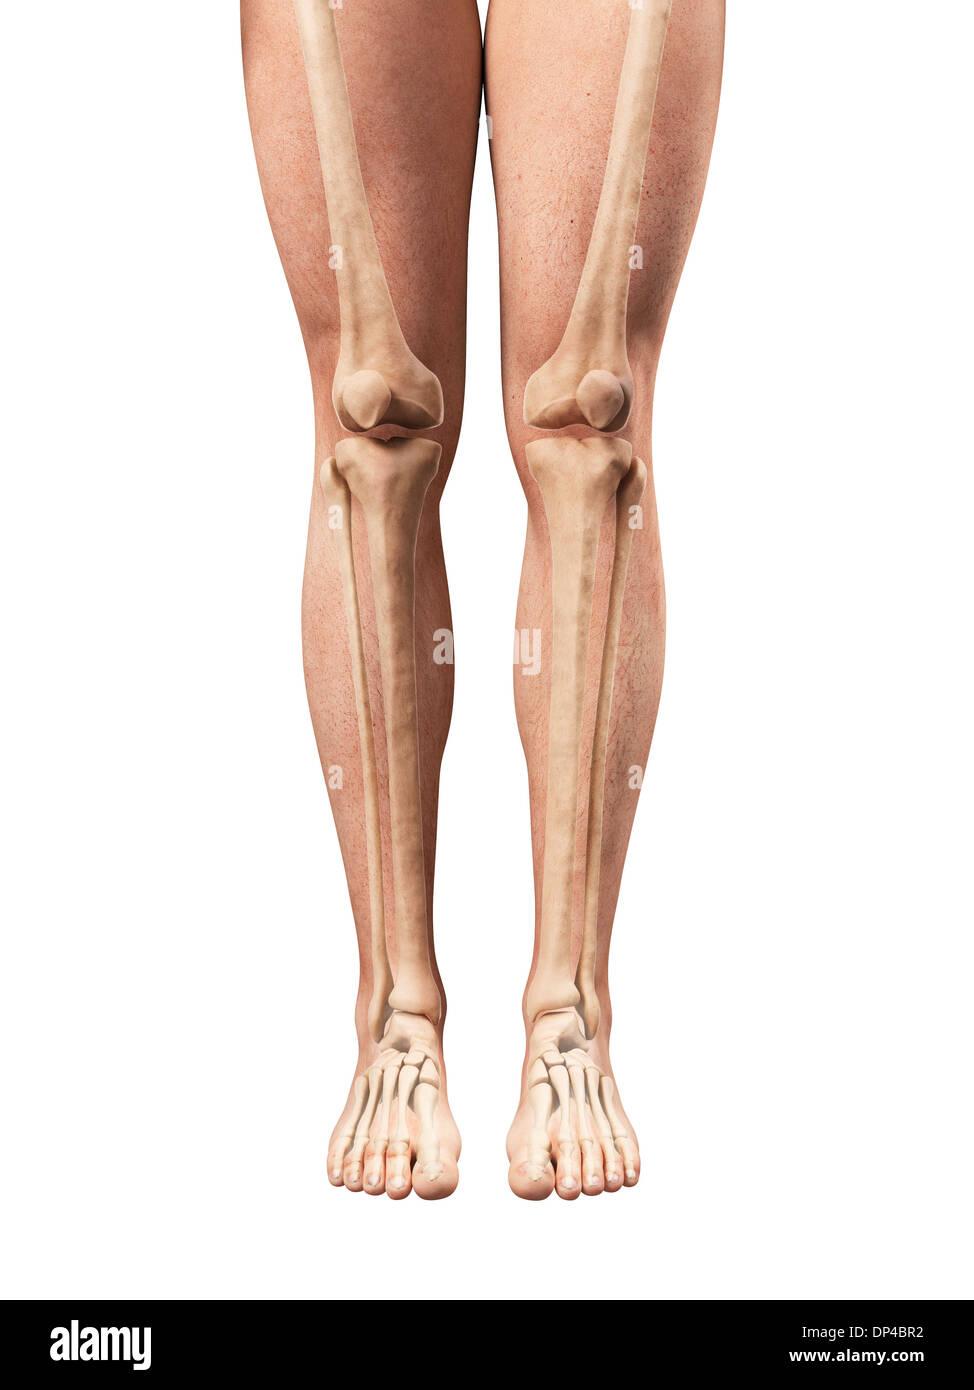 Berühmt Tiefe Venen Bein Anatomie Fotos - Physiologie Von ...